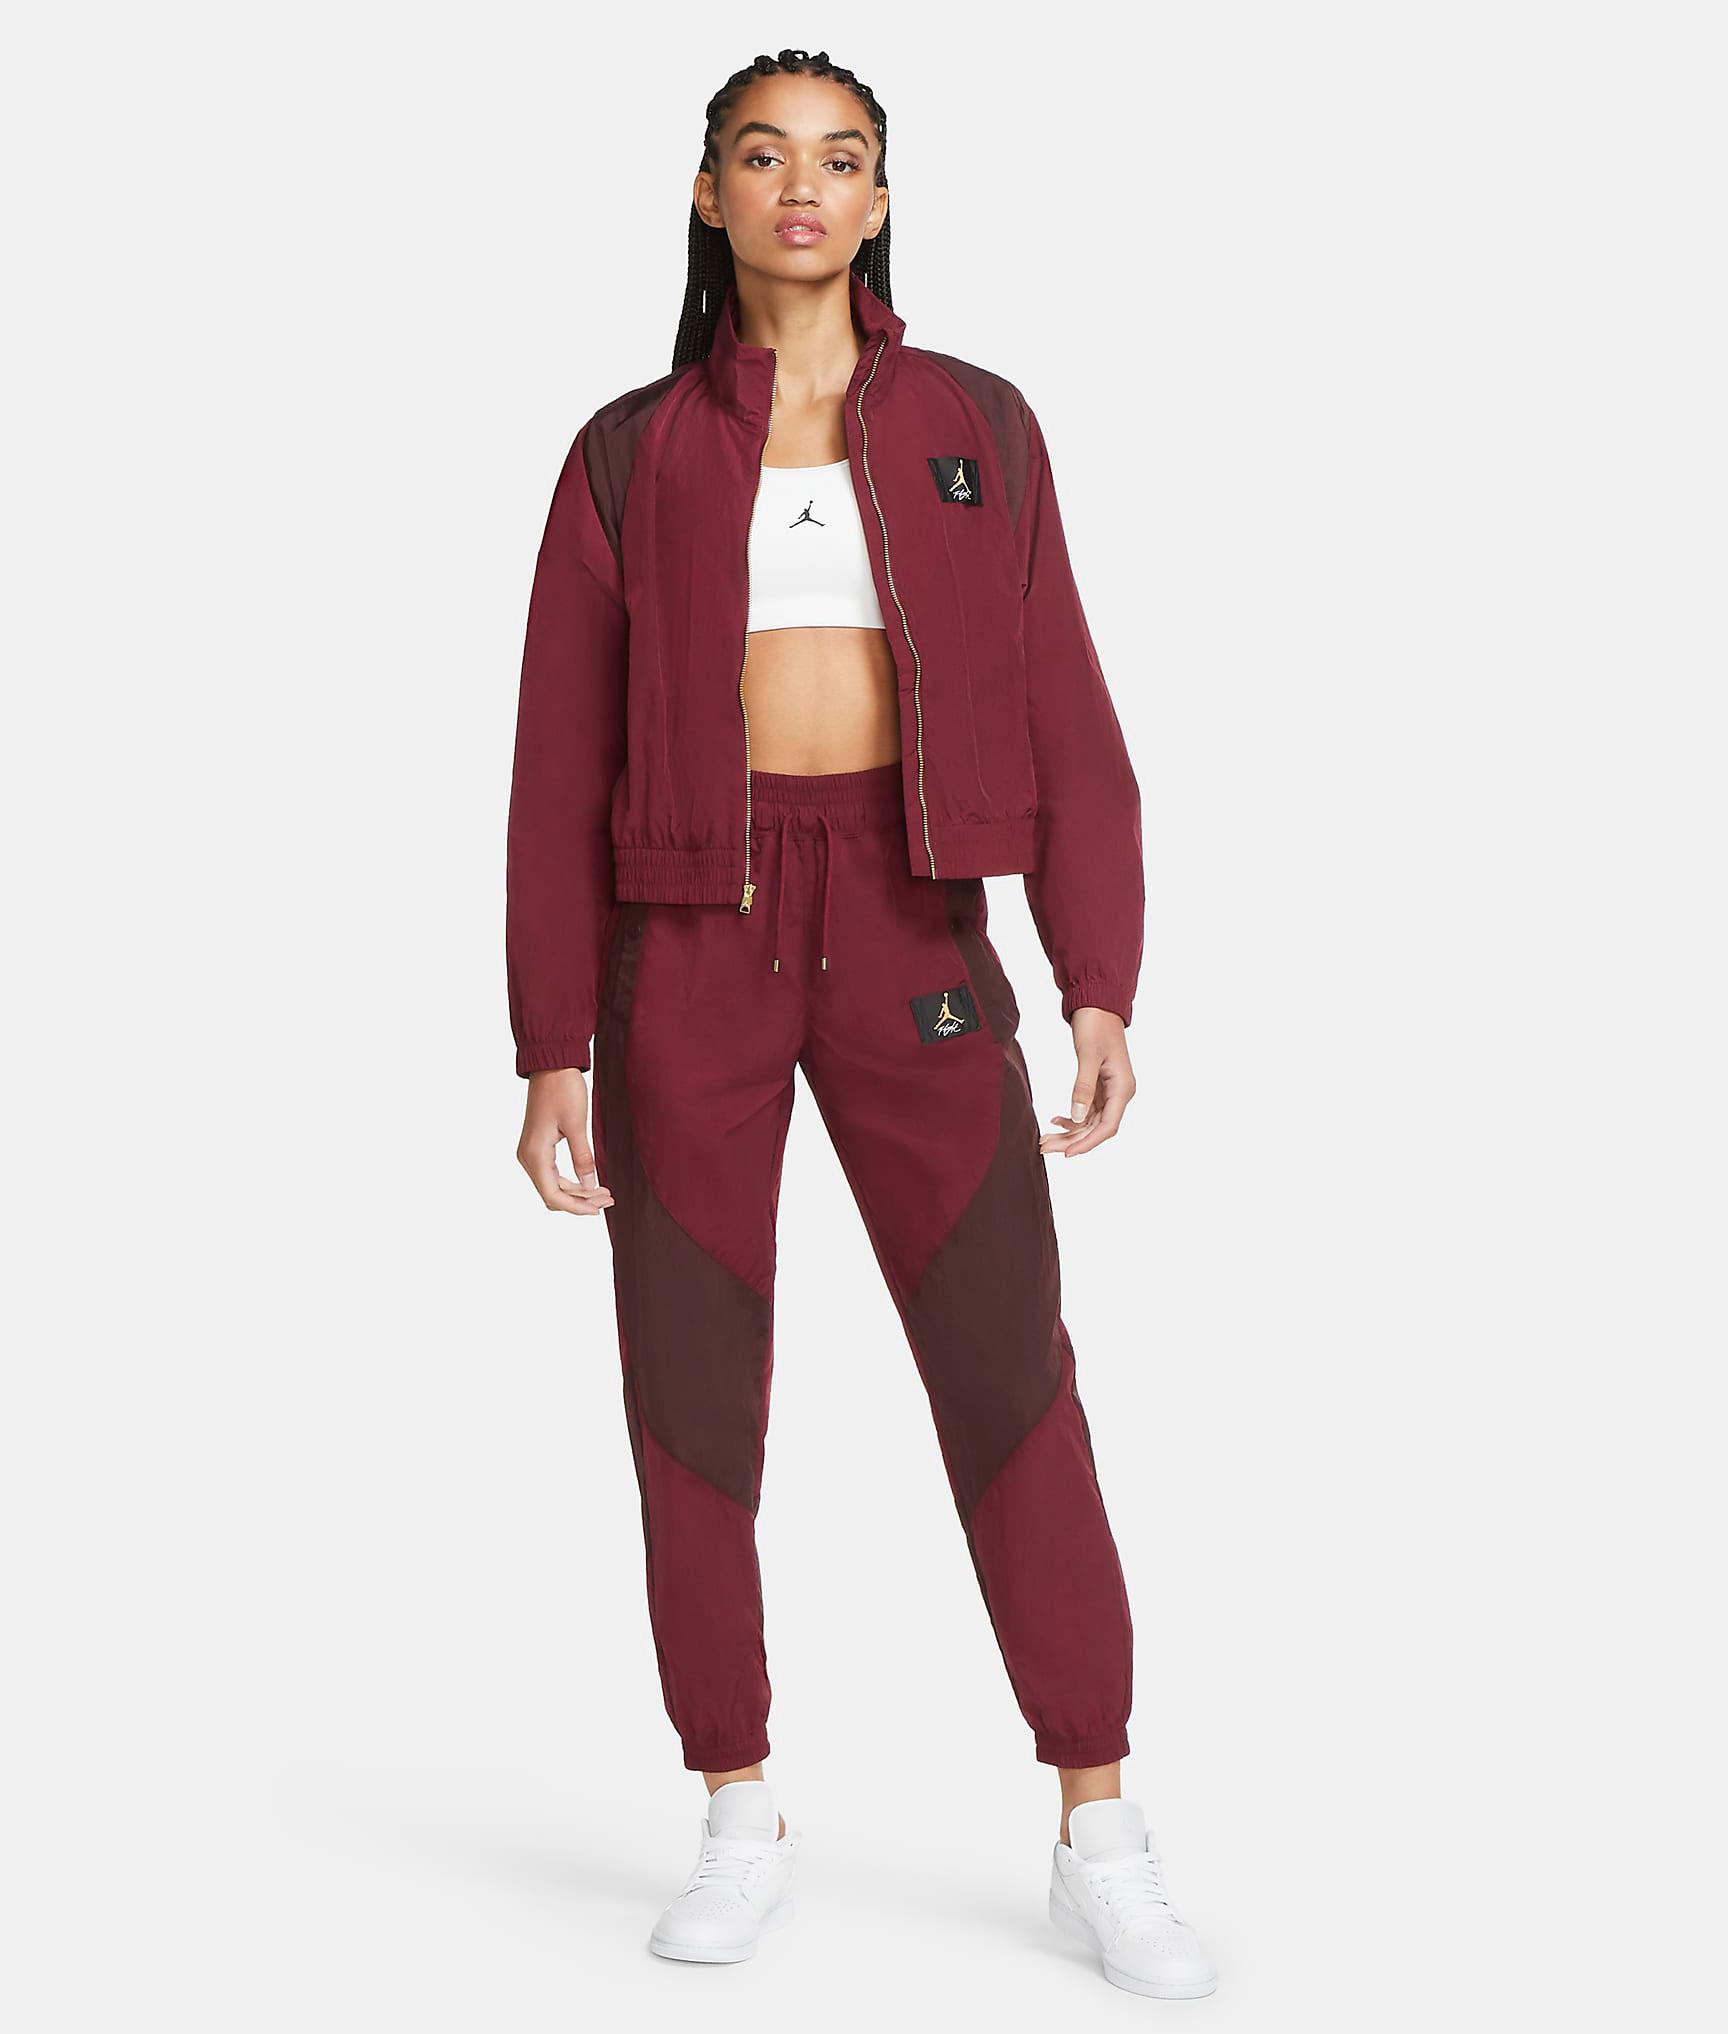 air-jordan-8-burgundy-womens-outfit